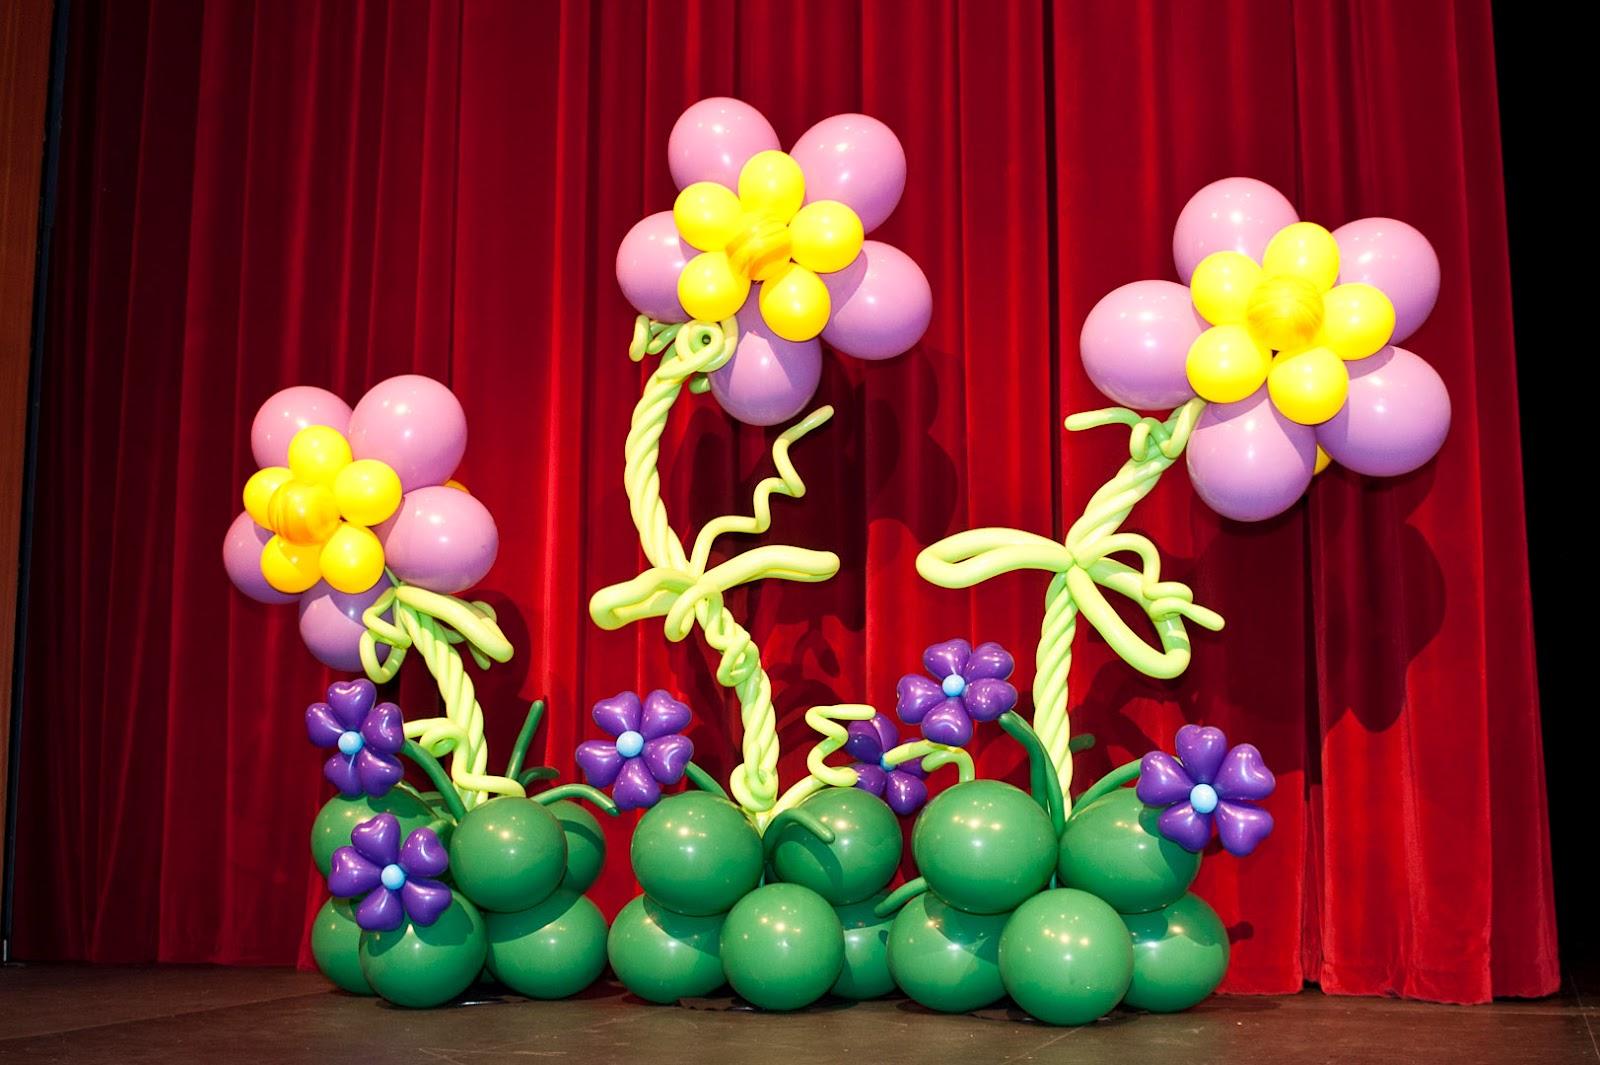 Como Hacer Flores Con Globos Para Una Fiesta Fiestas Infantiles - Como-hacer-flores-de-globos